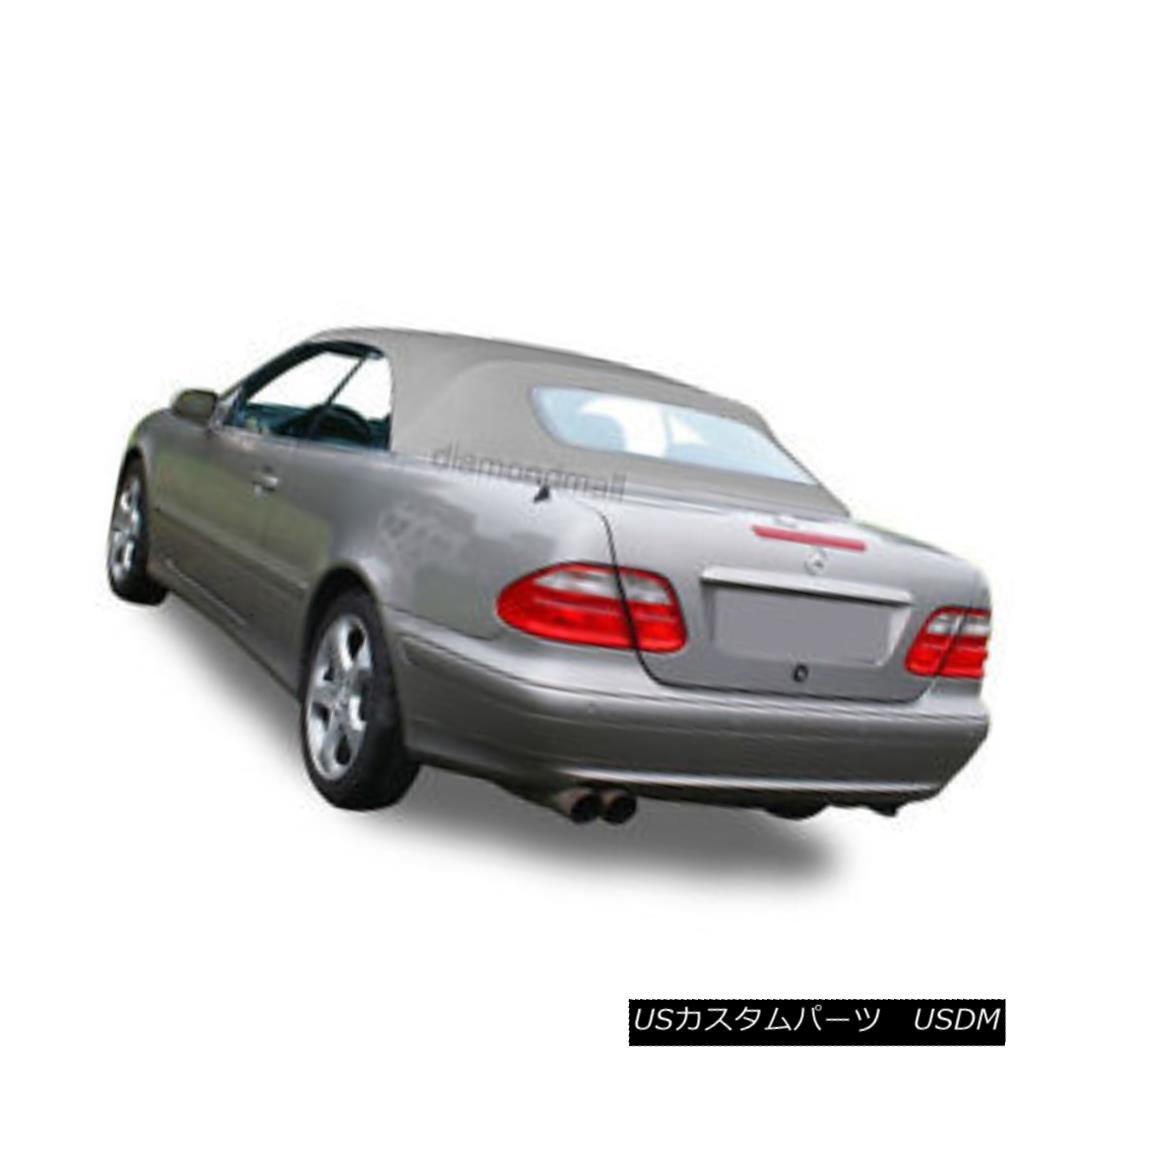 幌・ソフトトップ Mercedes Benz W208 CLK Series 1999-2003 Convertible Soft Top Orion Gray German メルセデスベンツW208 CLKシリーズ1999-2003コンバーチブルソフトトップOrion Grayドイツ語